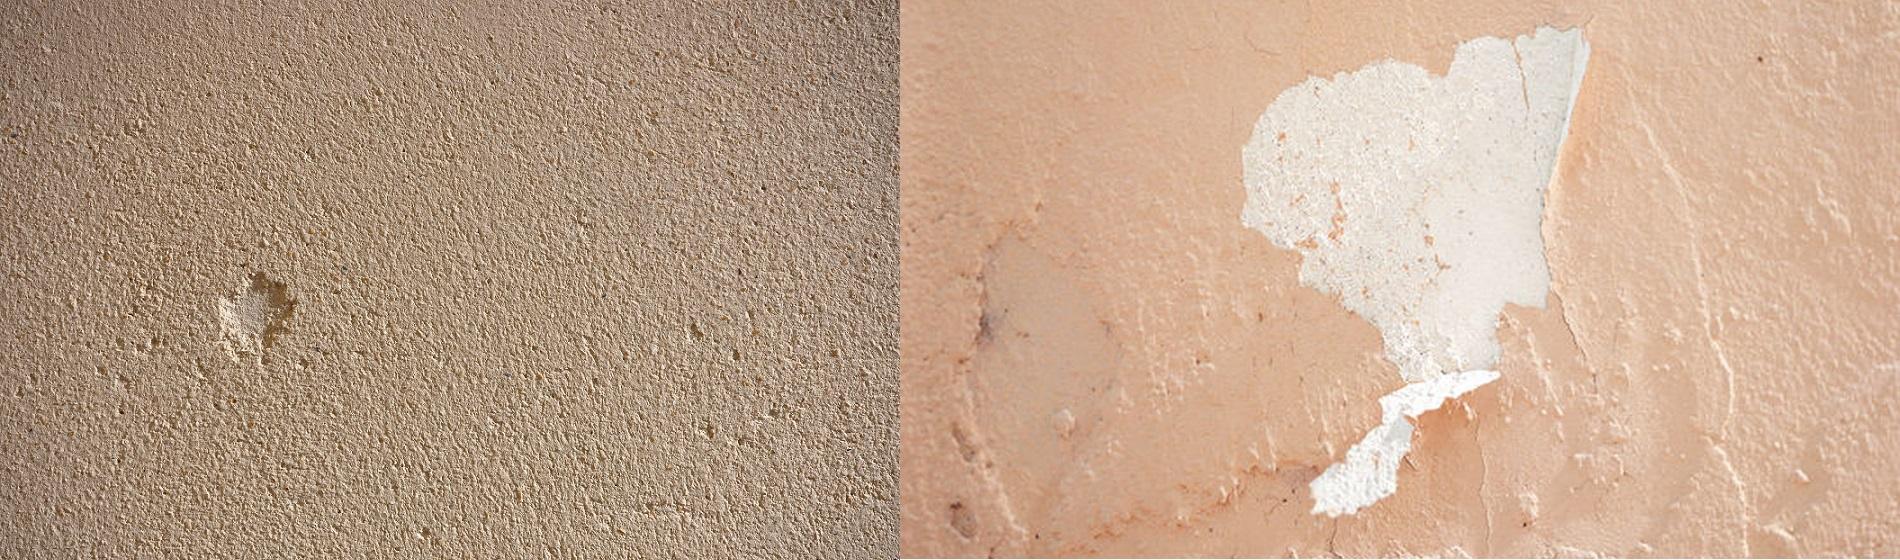 Bề mặt sơn hoàn thiện với độ che phủ tốt, bền đẹp dài lâu là mối quan tâm của mọi gia đình